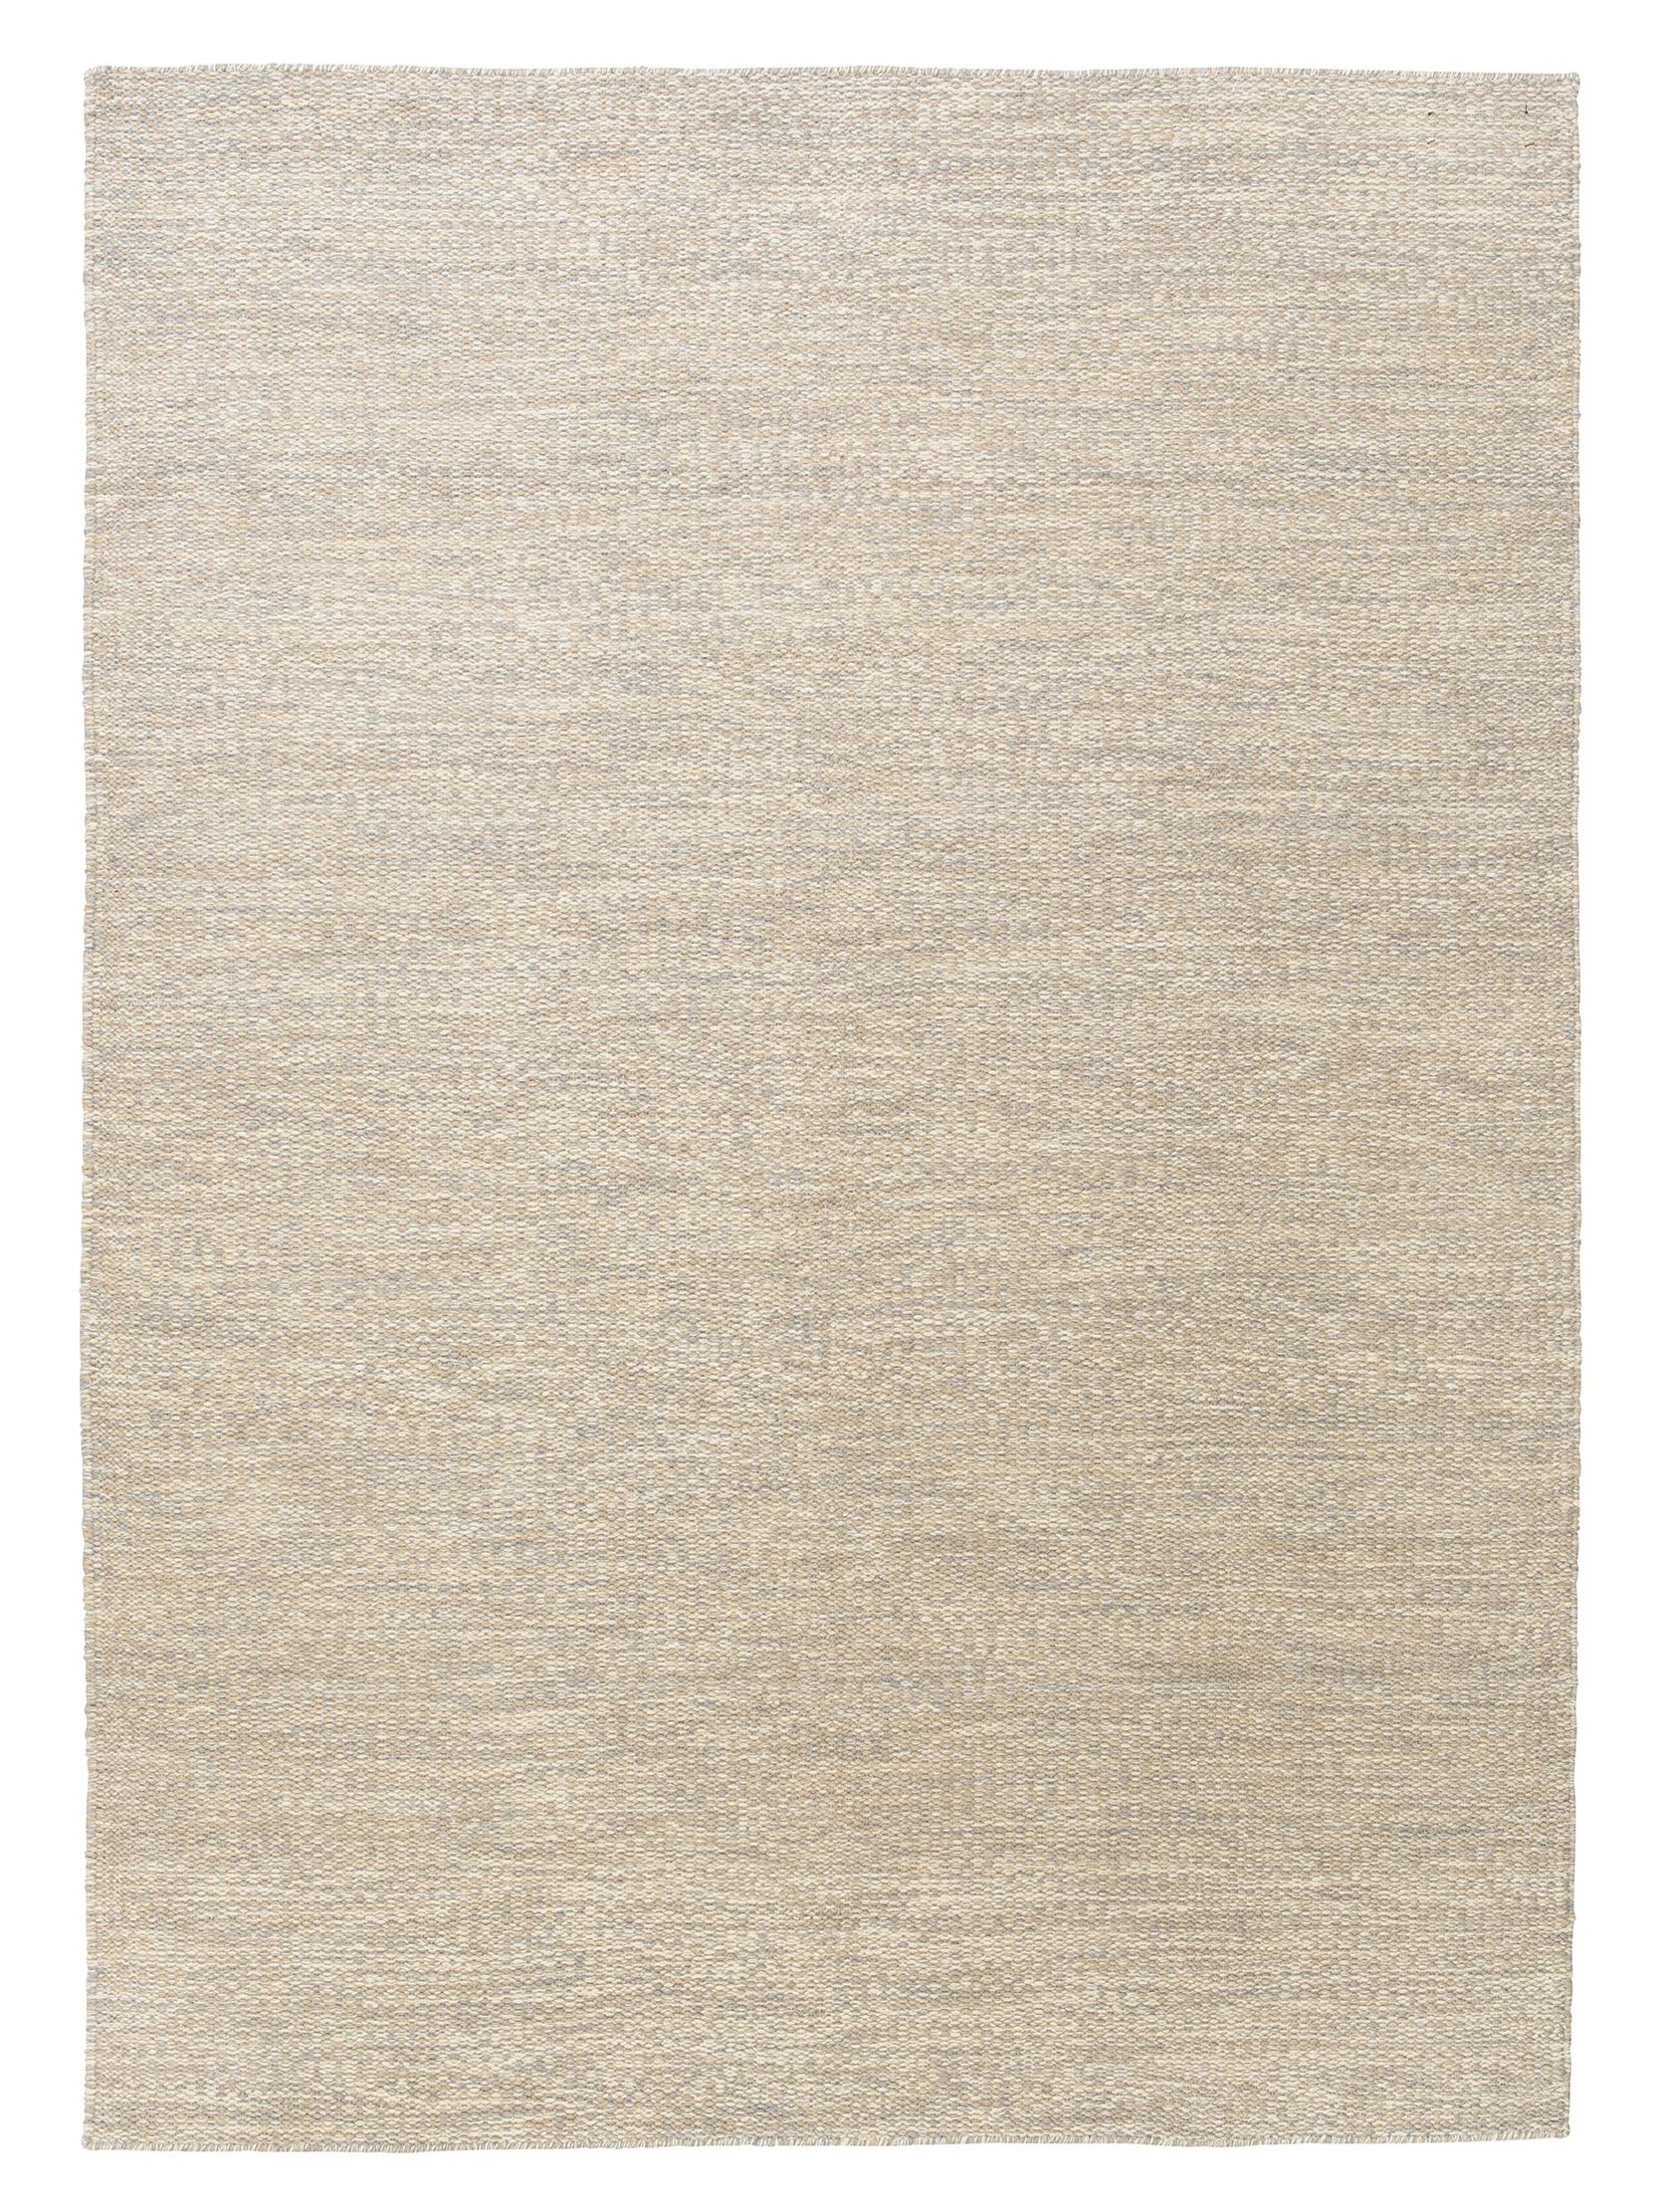 Gimle 1211 Beige/Grey